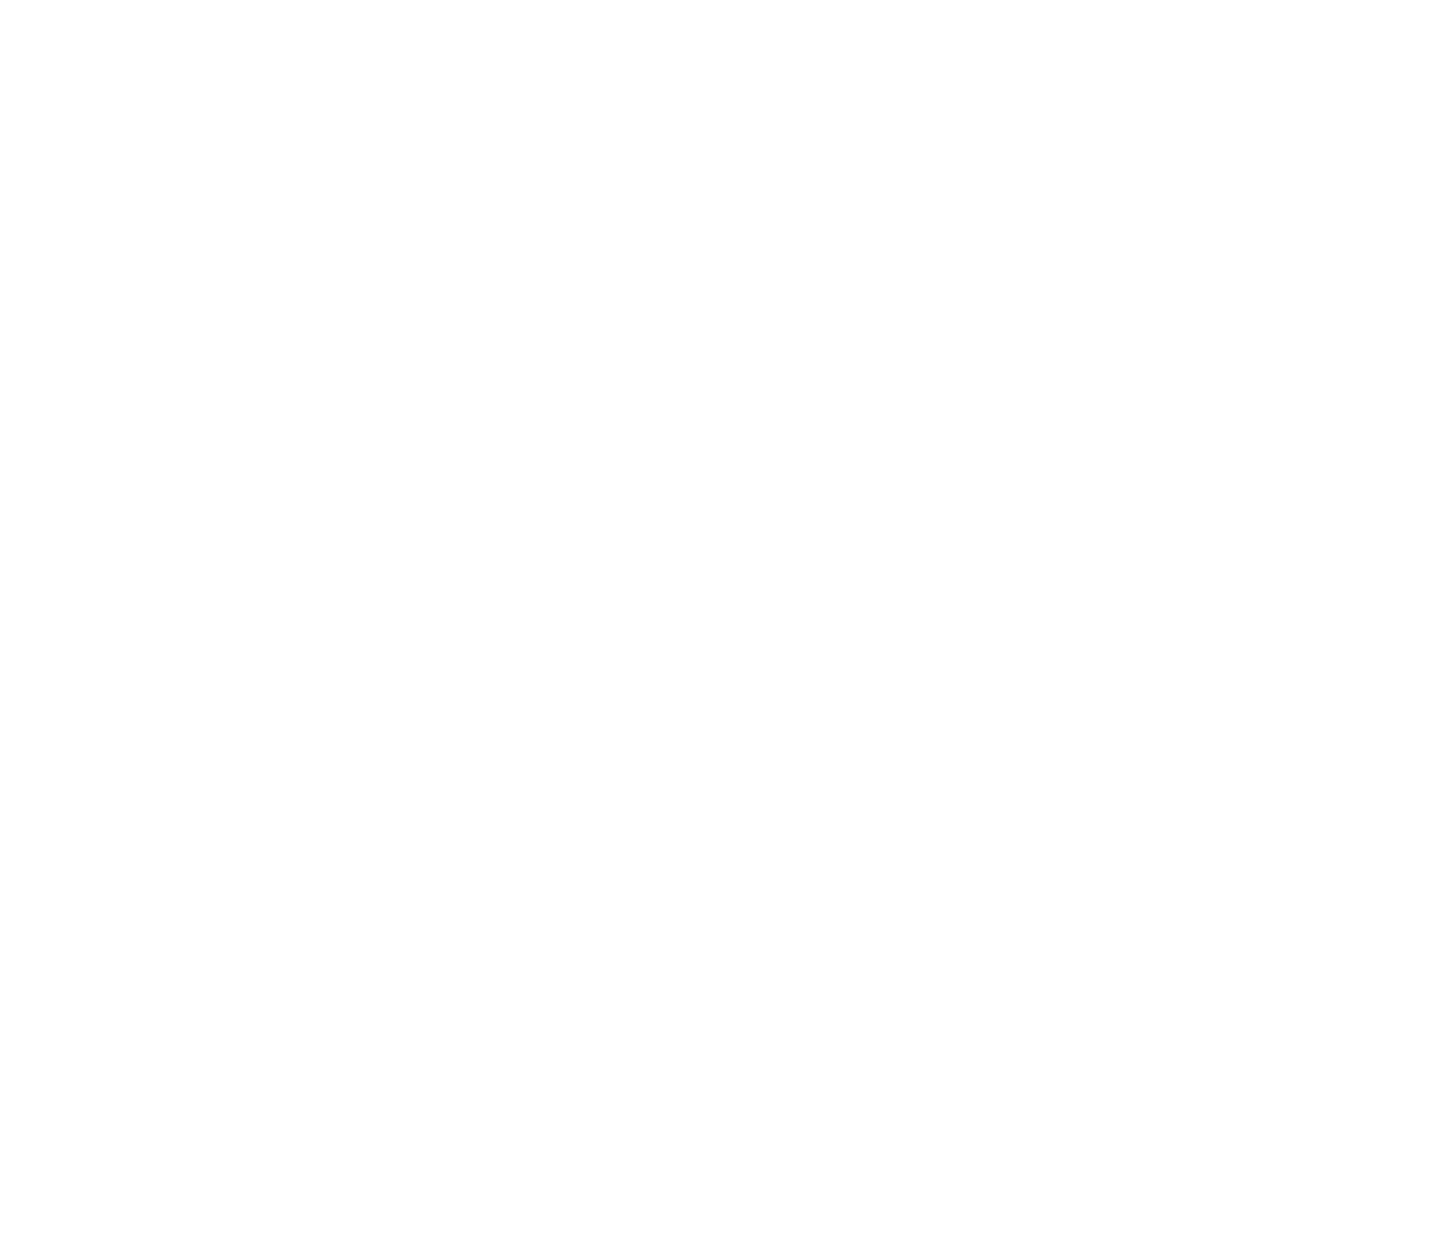 webtext.png